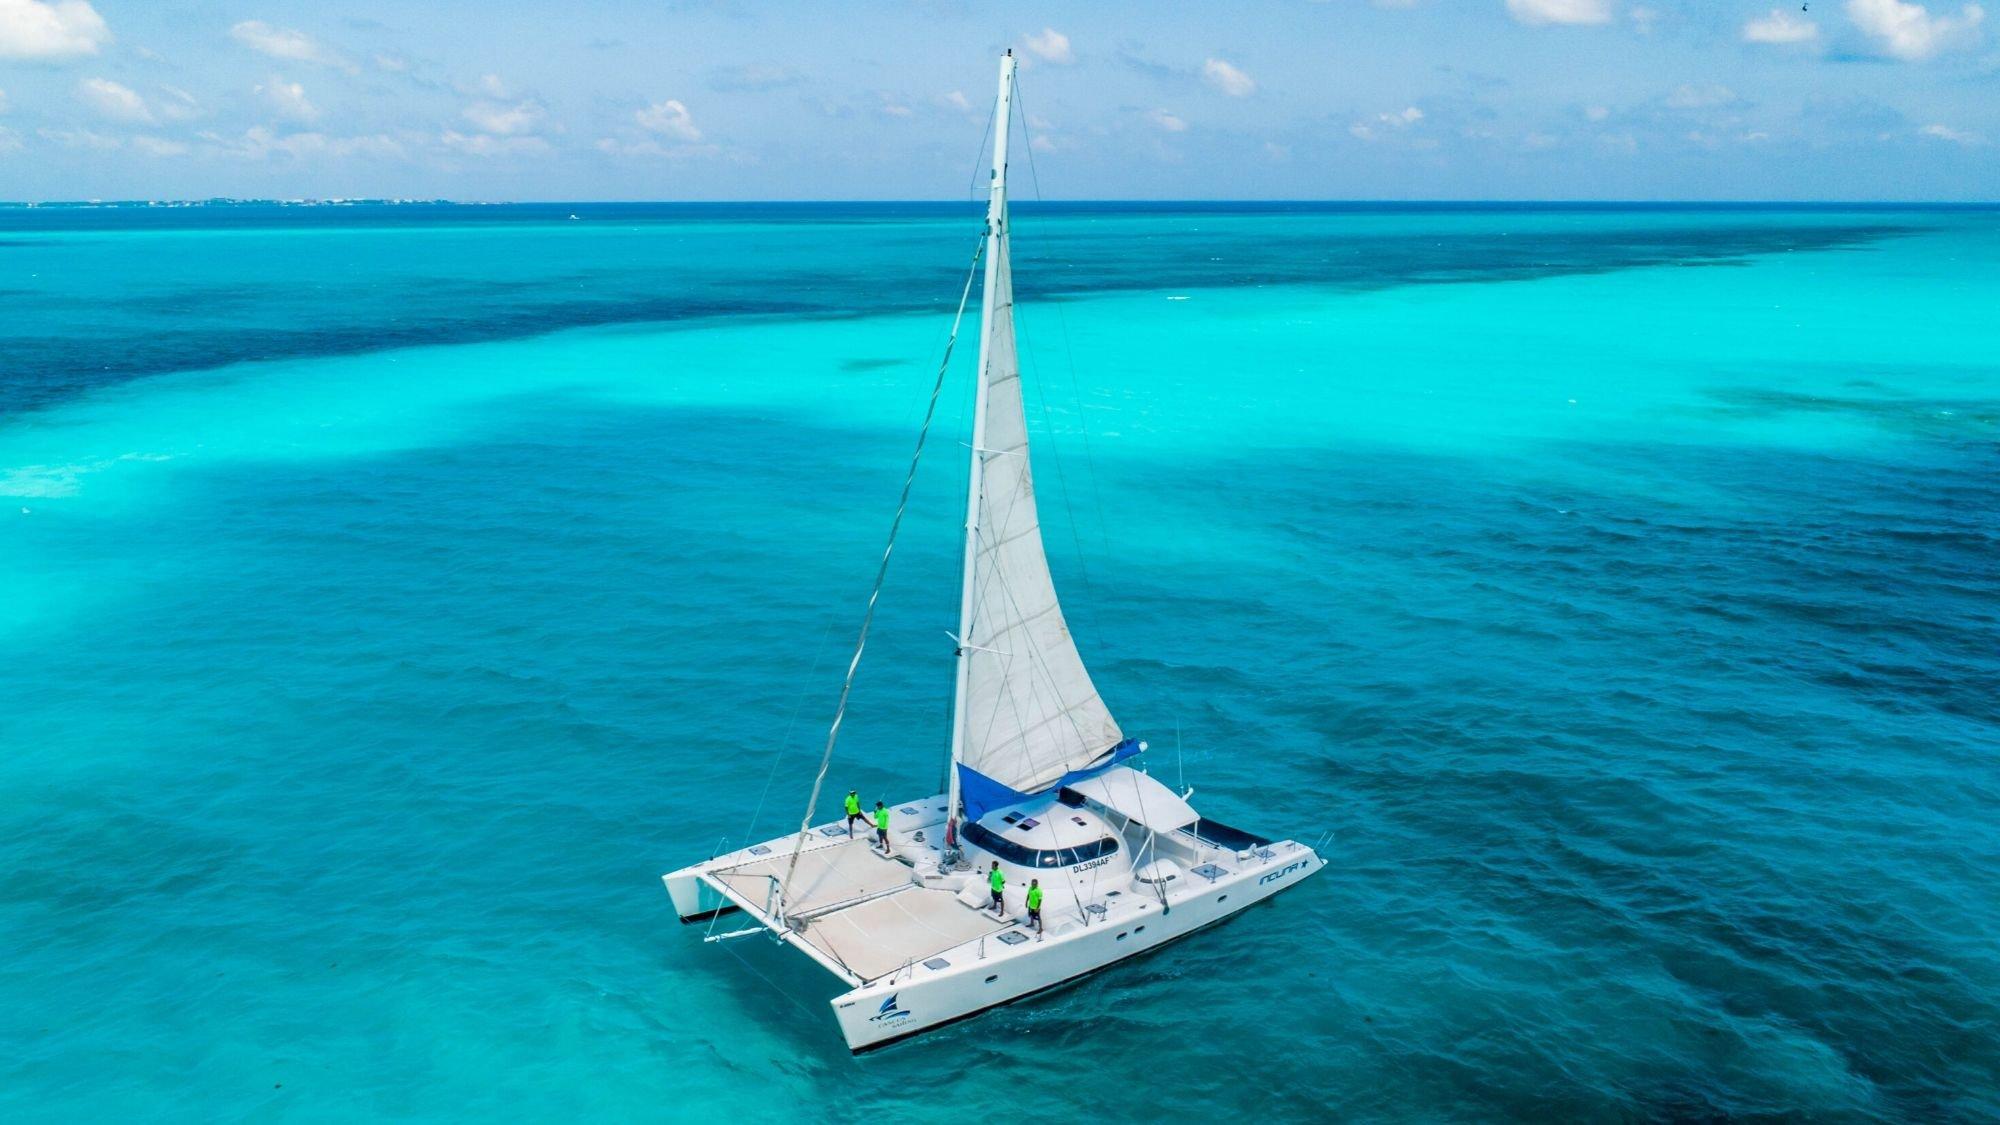 Induna - Isla Mujeres Catamaran Tour - Cancun Sailing - 2000px